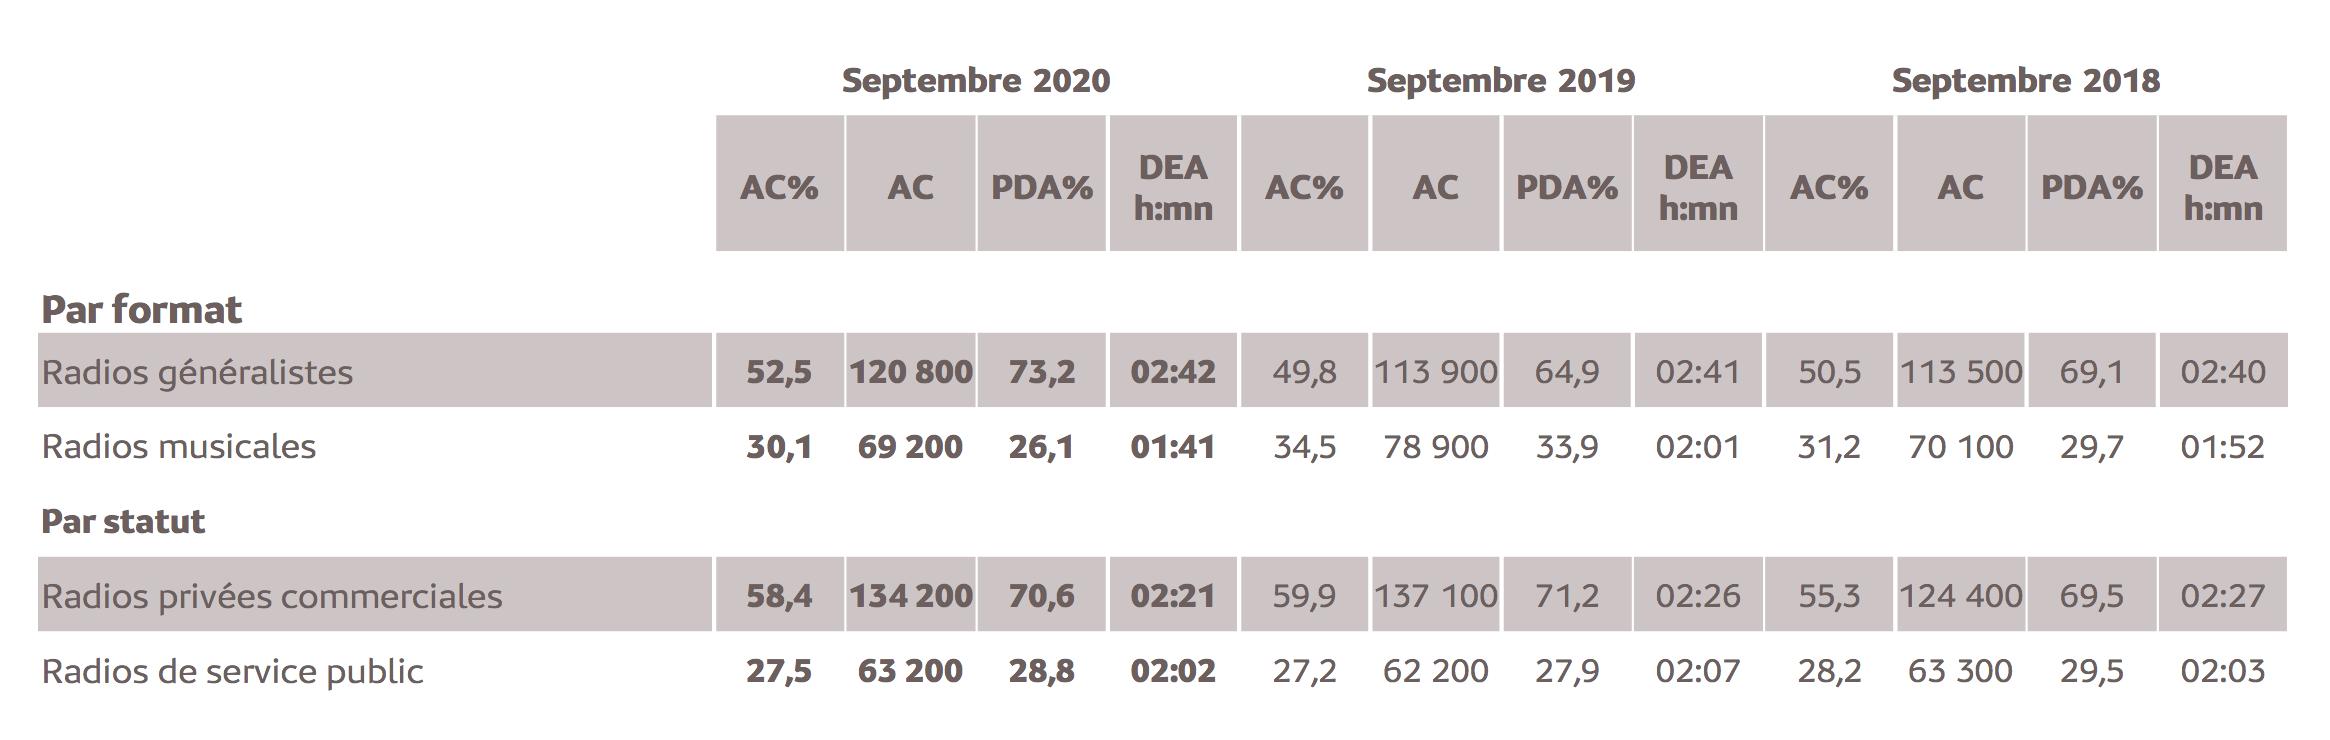 Source : Médiamétrie – Etude Nouvelle-Calédonie – Septembre  2020  -13 ans et plus  -Copyright Médiamétrie -Tous droits réservés